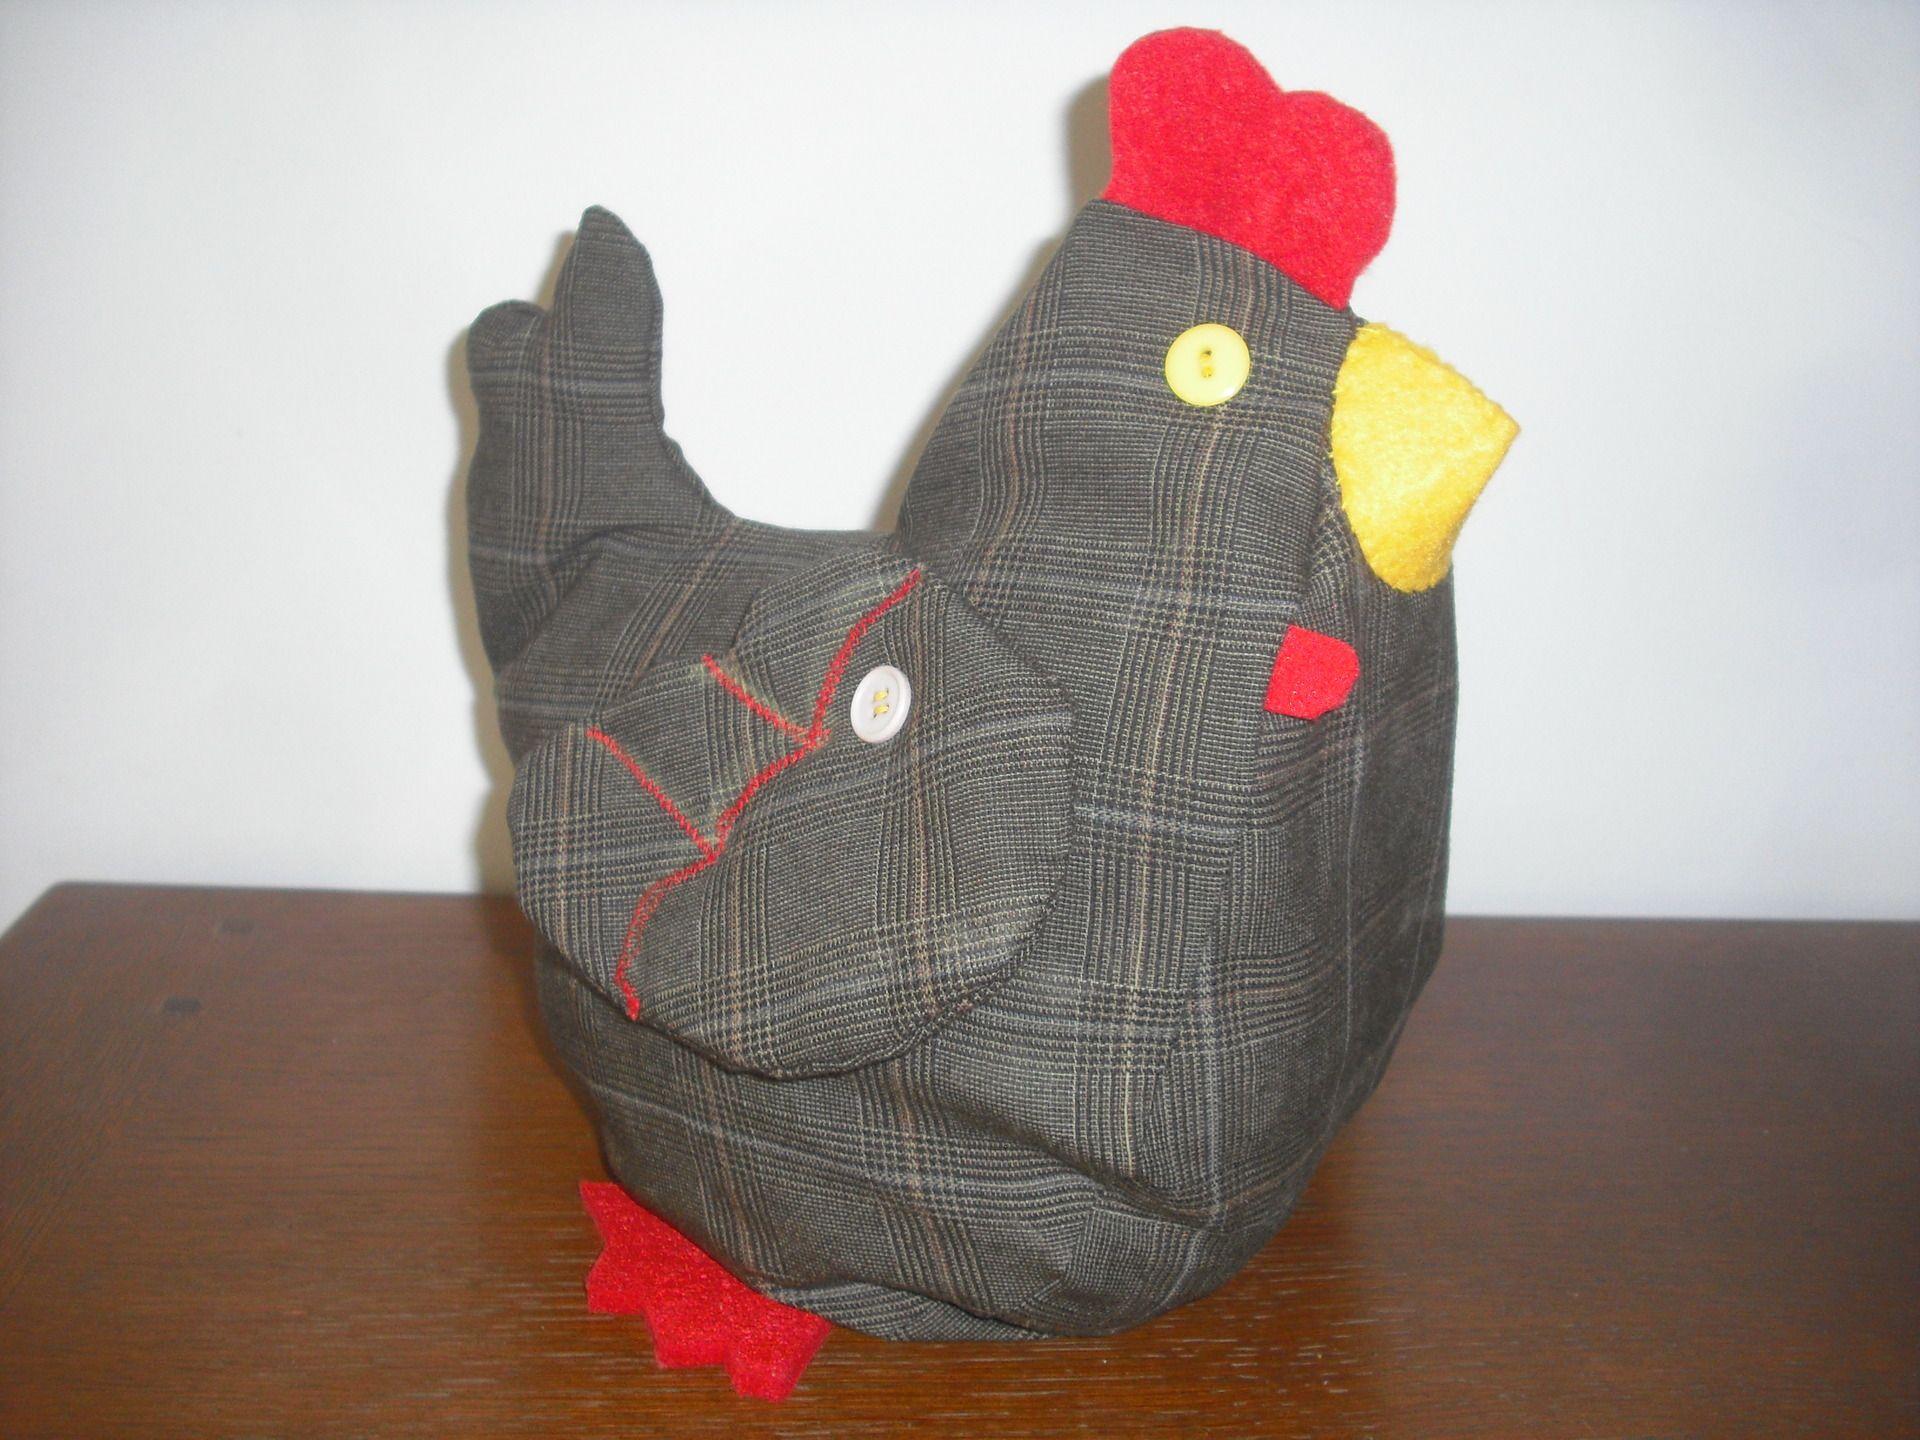 petite poule d corative cale porte r alis e en tissu cossais tissu cossais cale porte et poule. Black Bedroom Furniture Sets. Home Design Ideas